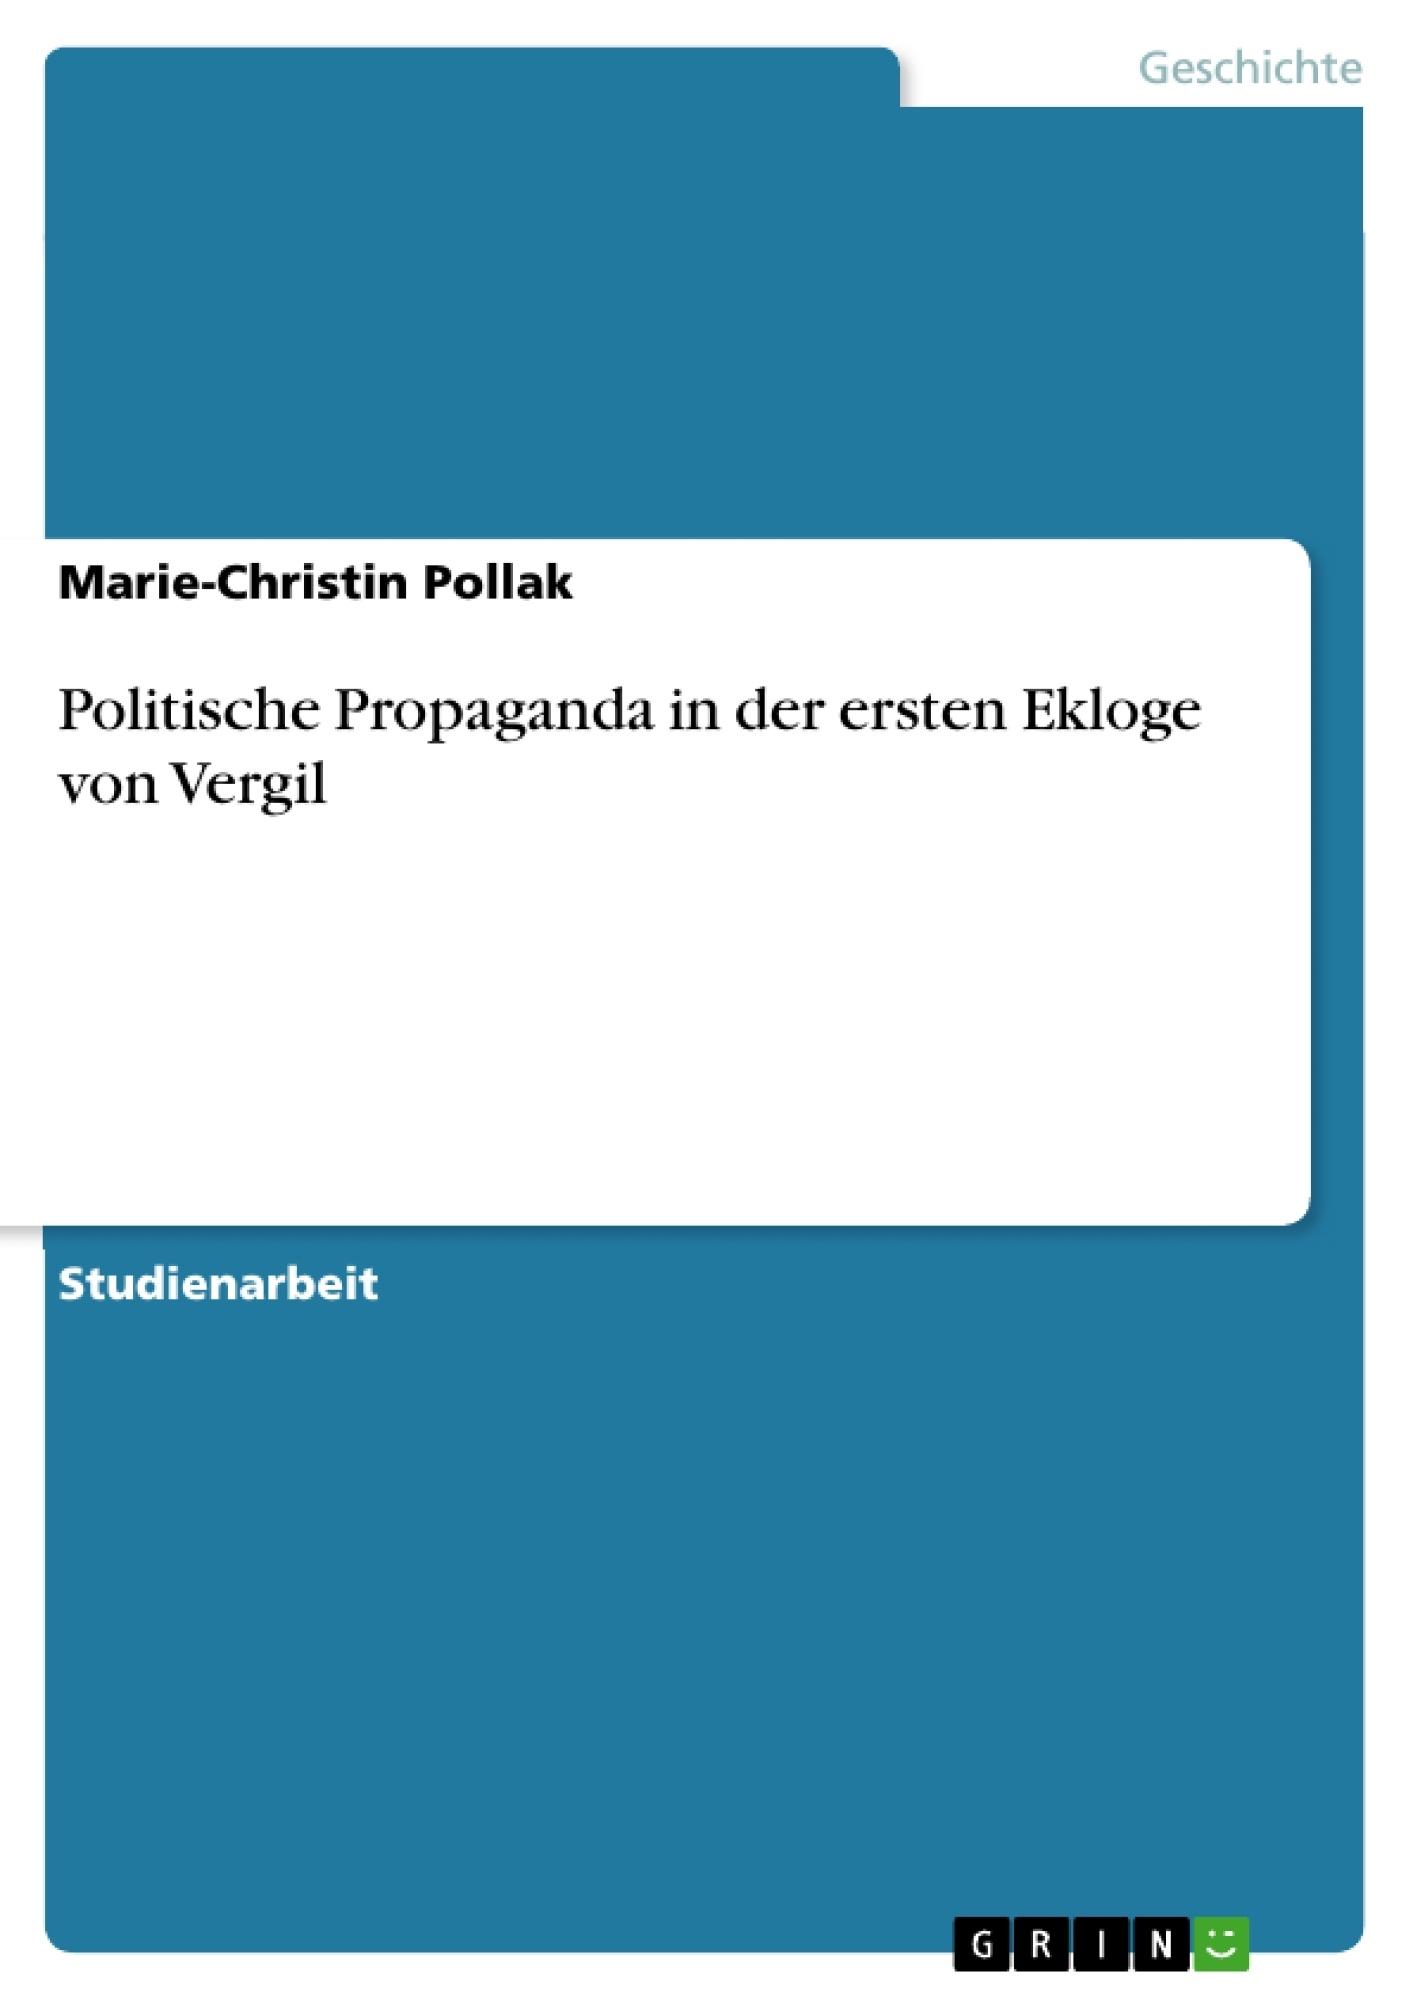 Titel: Politische Propaganda in der ersten Ekloge von Vergil